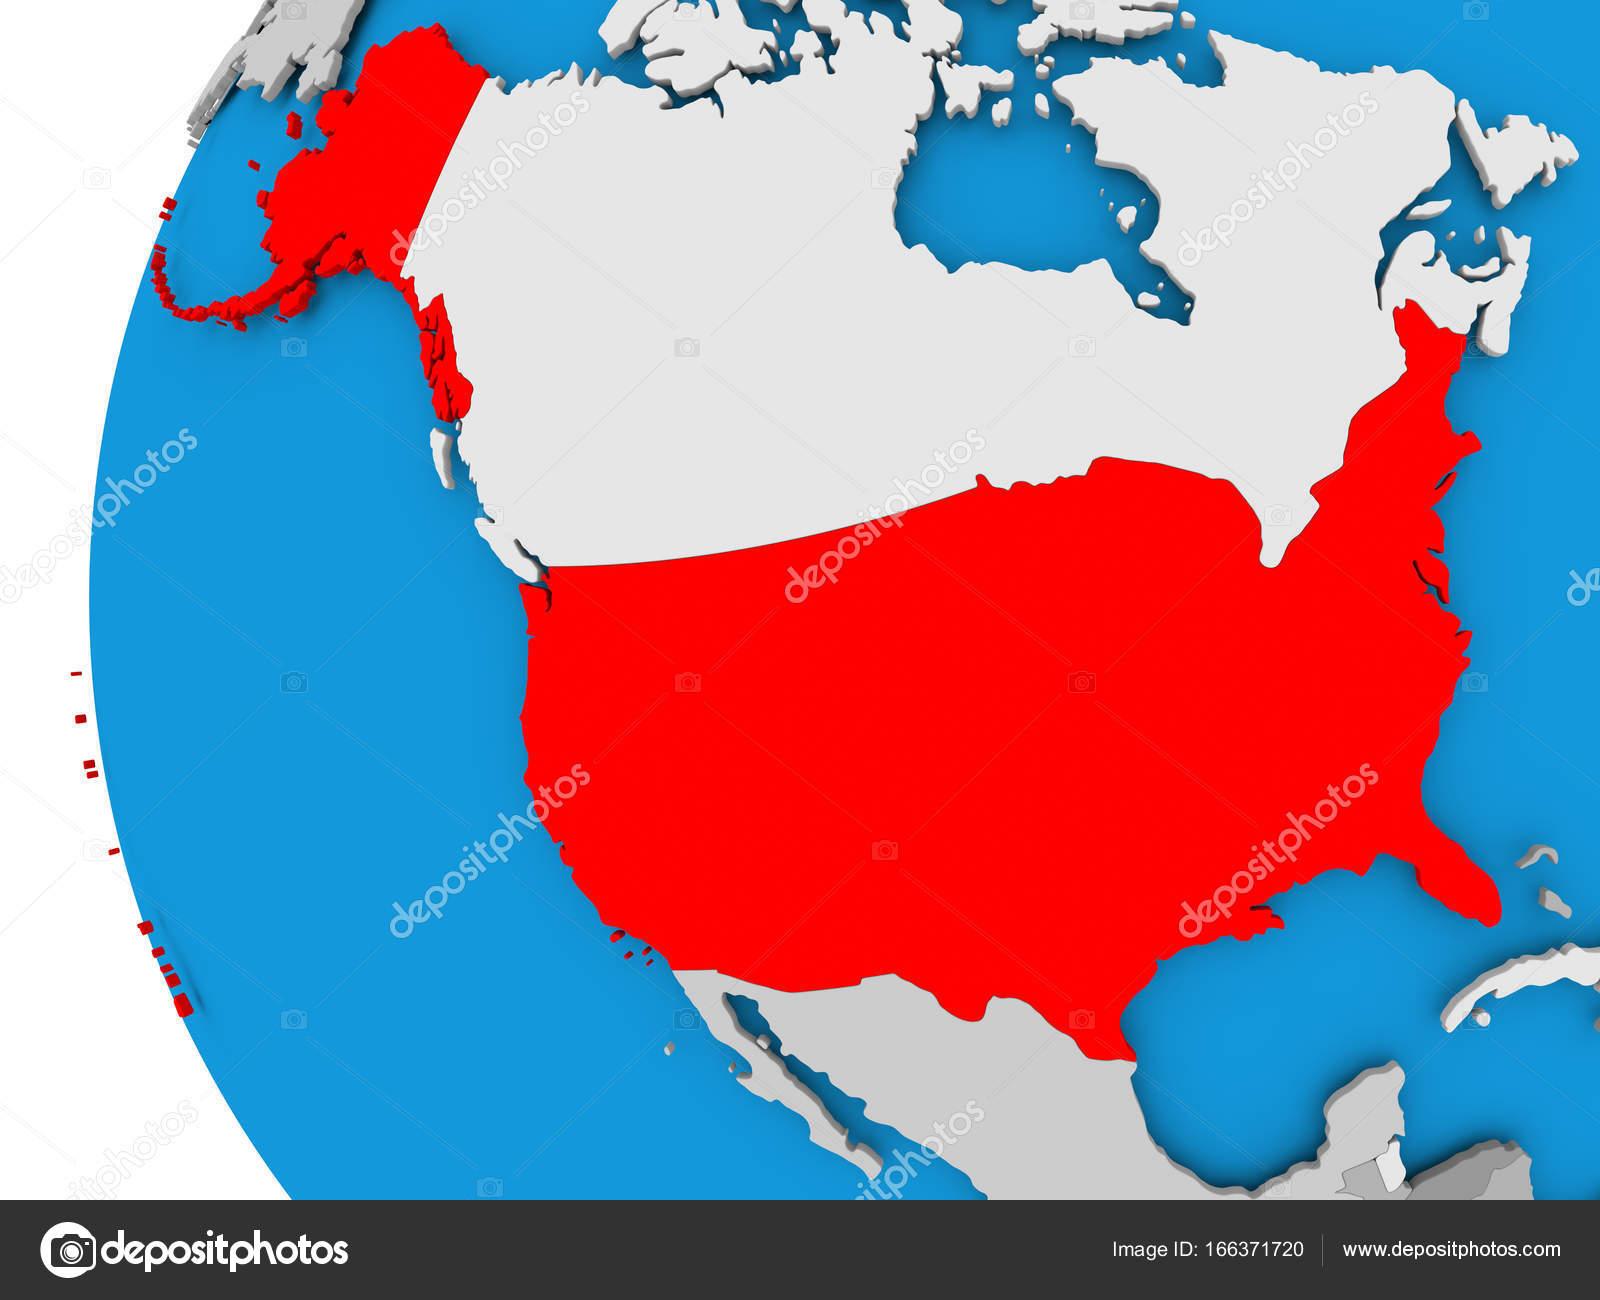 Cartina Stati Uniti D America Politica.Mappa Di Stati Uniti D America Sul Globo Politico Foto